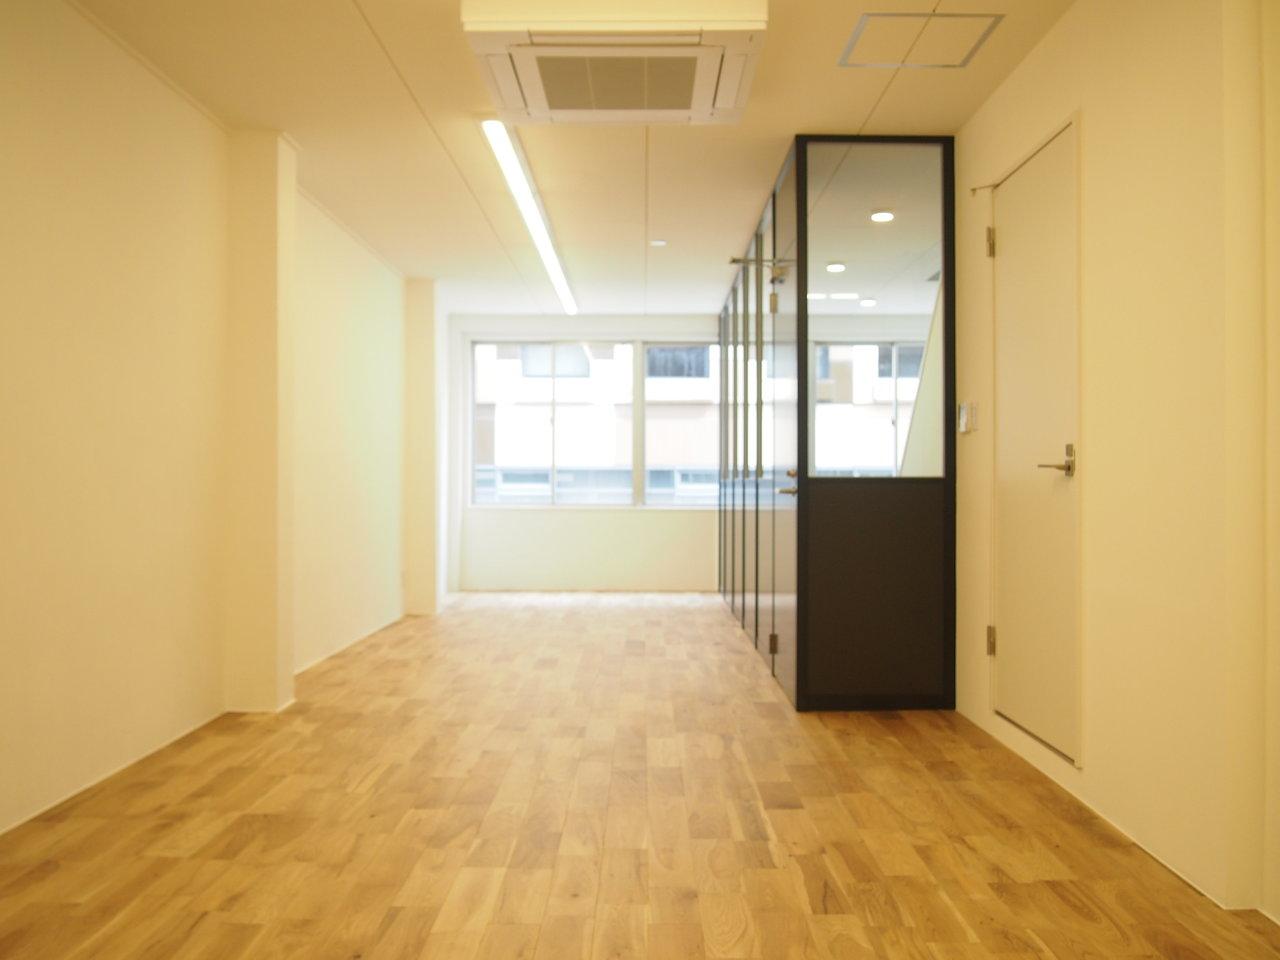 こちらは1社につき1フロア利用のオフィス。約50㎡のワンルームは、贅沢な全面無垢床仕様。各階にはWiFiが設置されているので、引っ越ししたての状態でも支障なく業務を始めることができます。